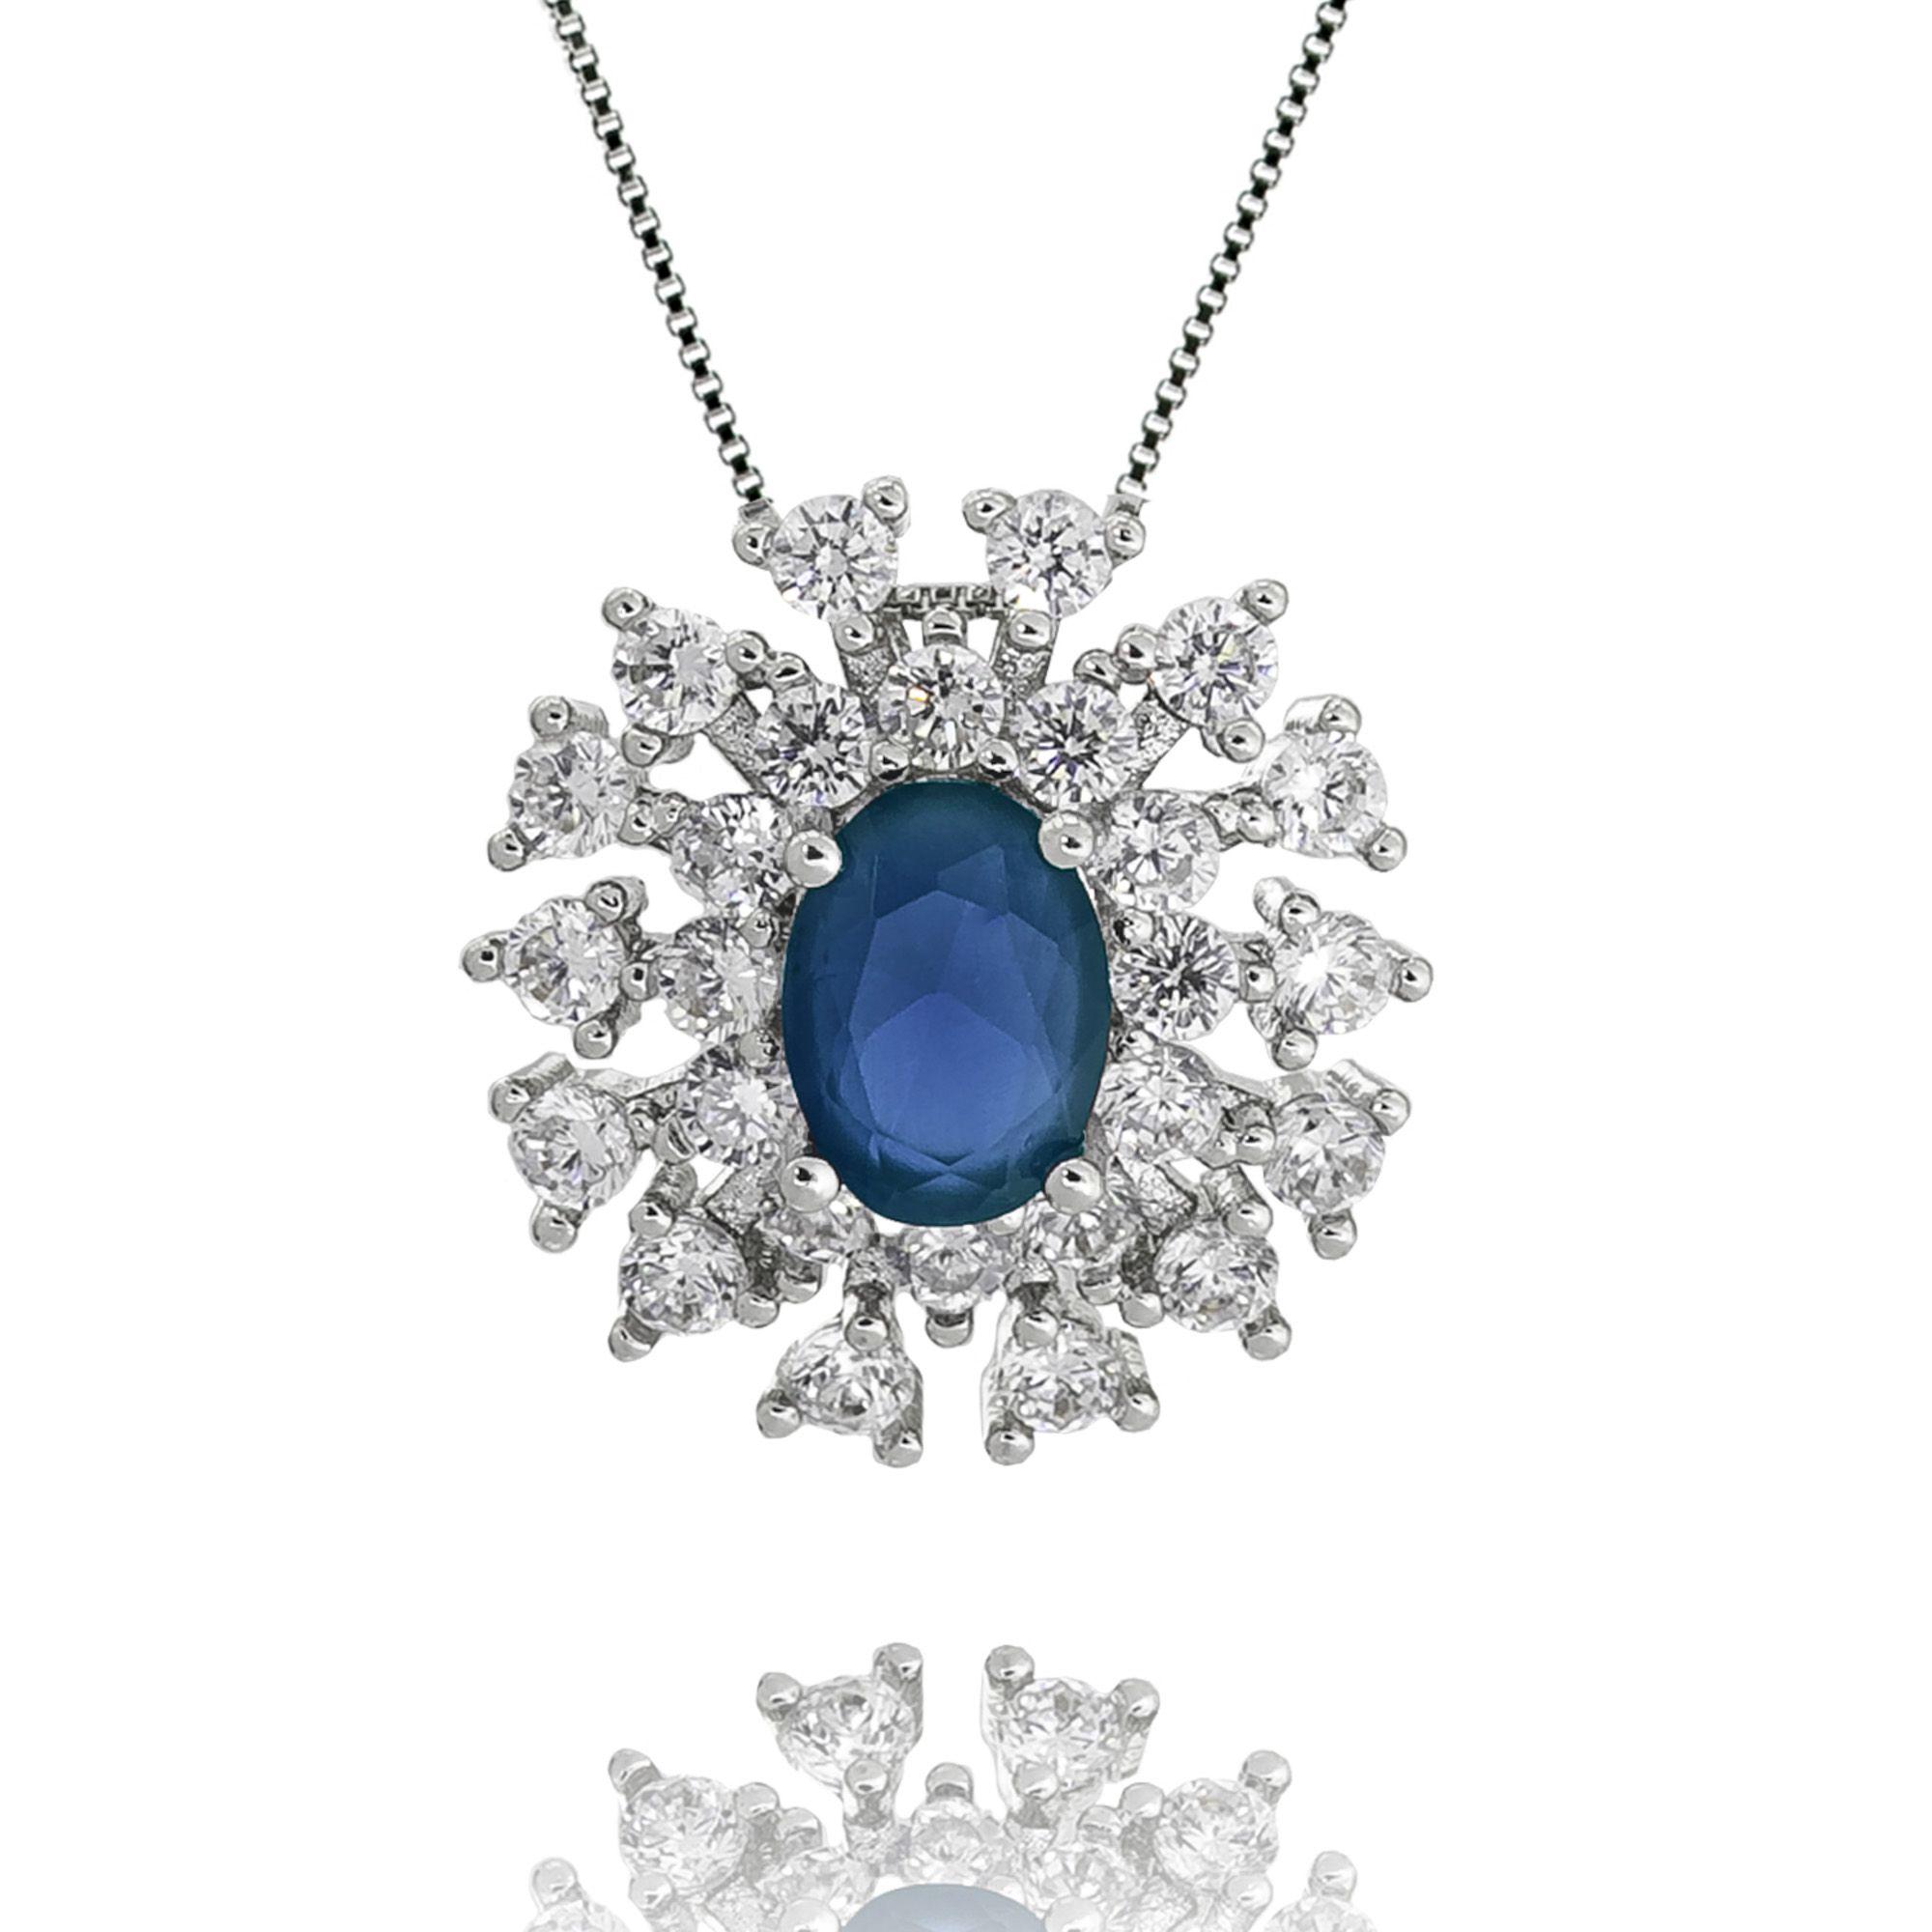 Colar Pingente Oval Cristal Azul e Zircônias